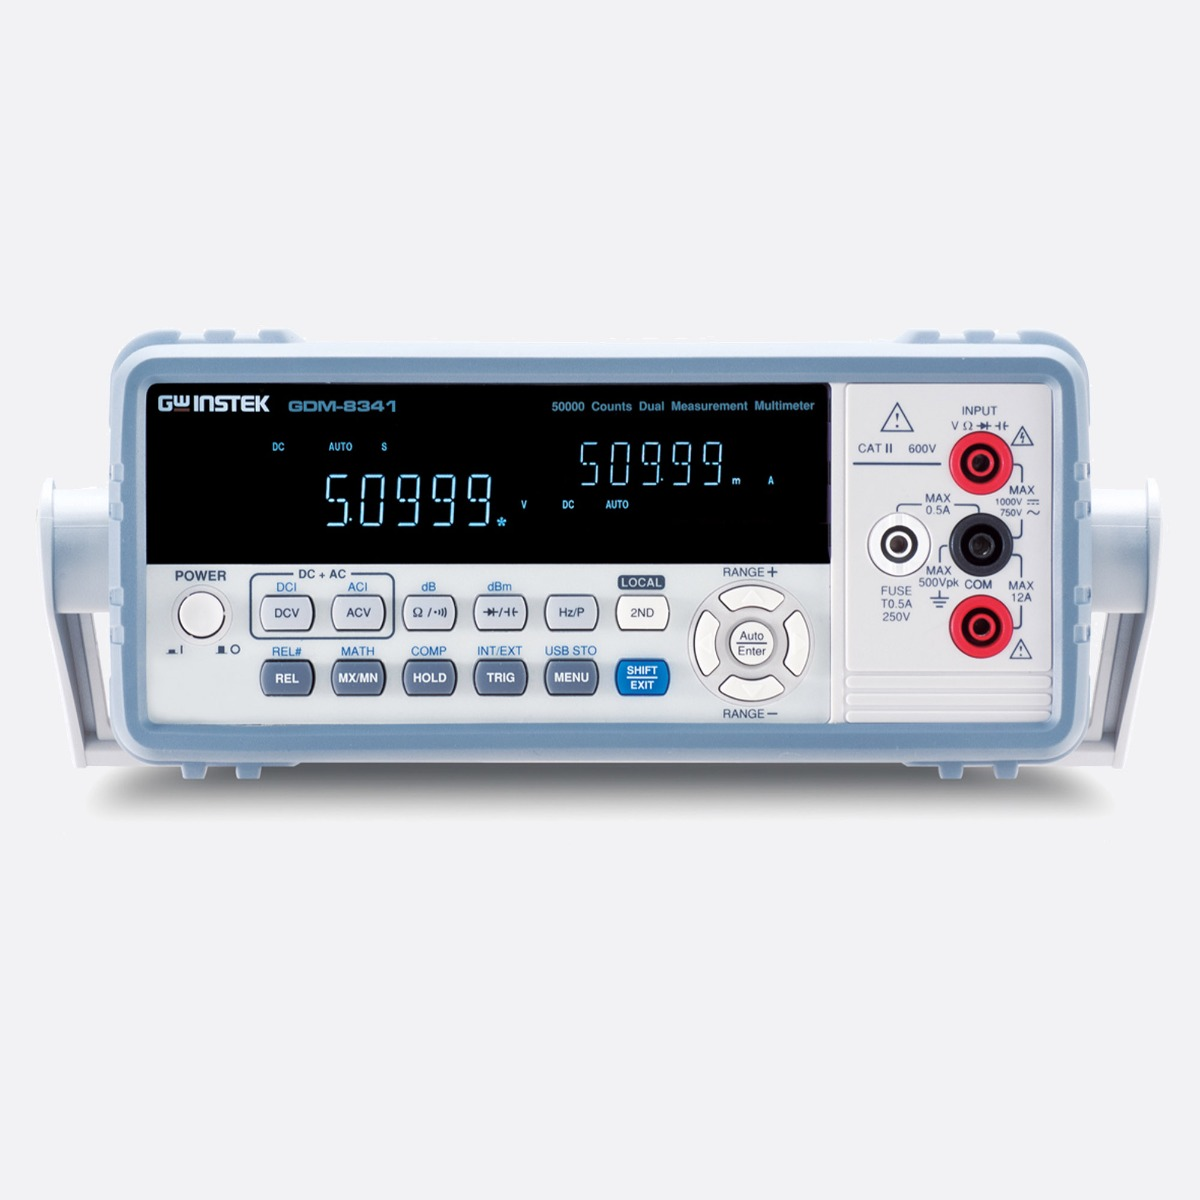 GW Instek - GDM-8341 Multimeter CControls